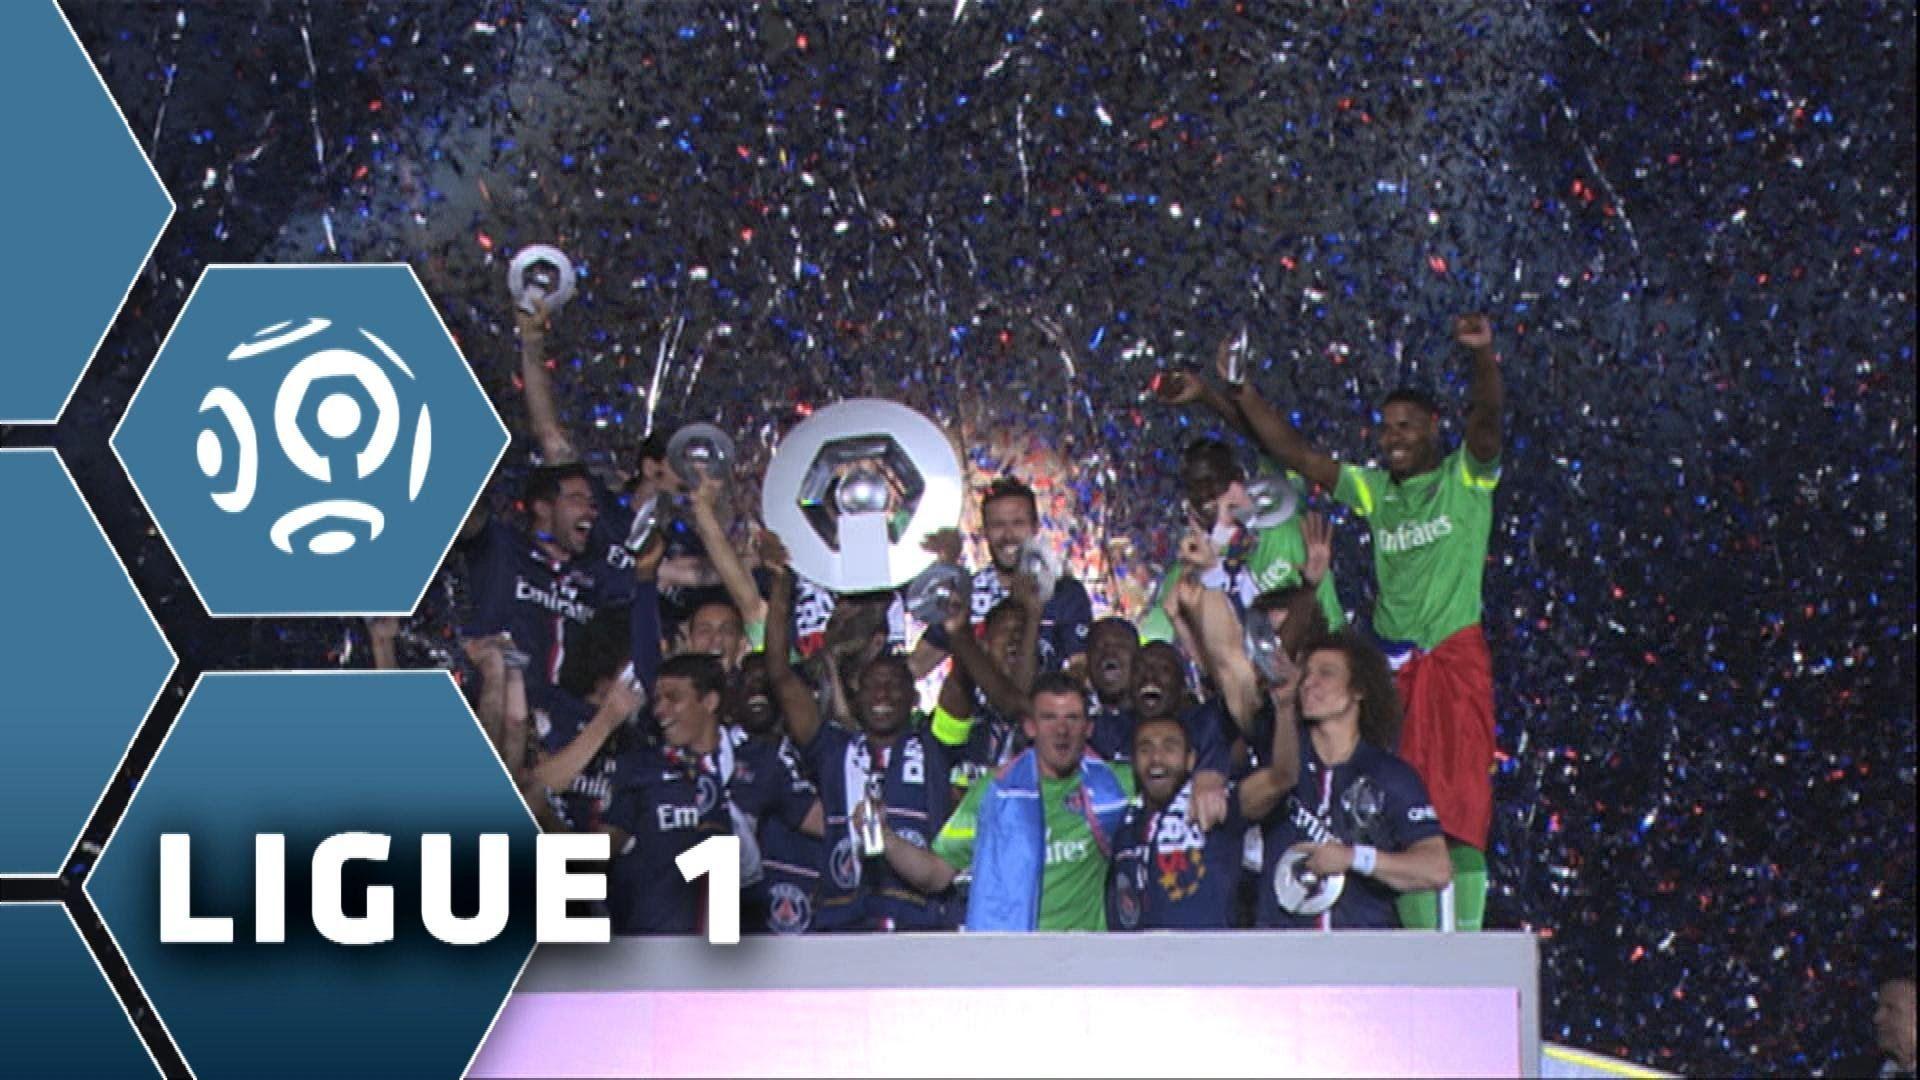 ¿Qué equipo salió campeón 7 veces consecutivas?